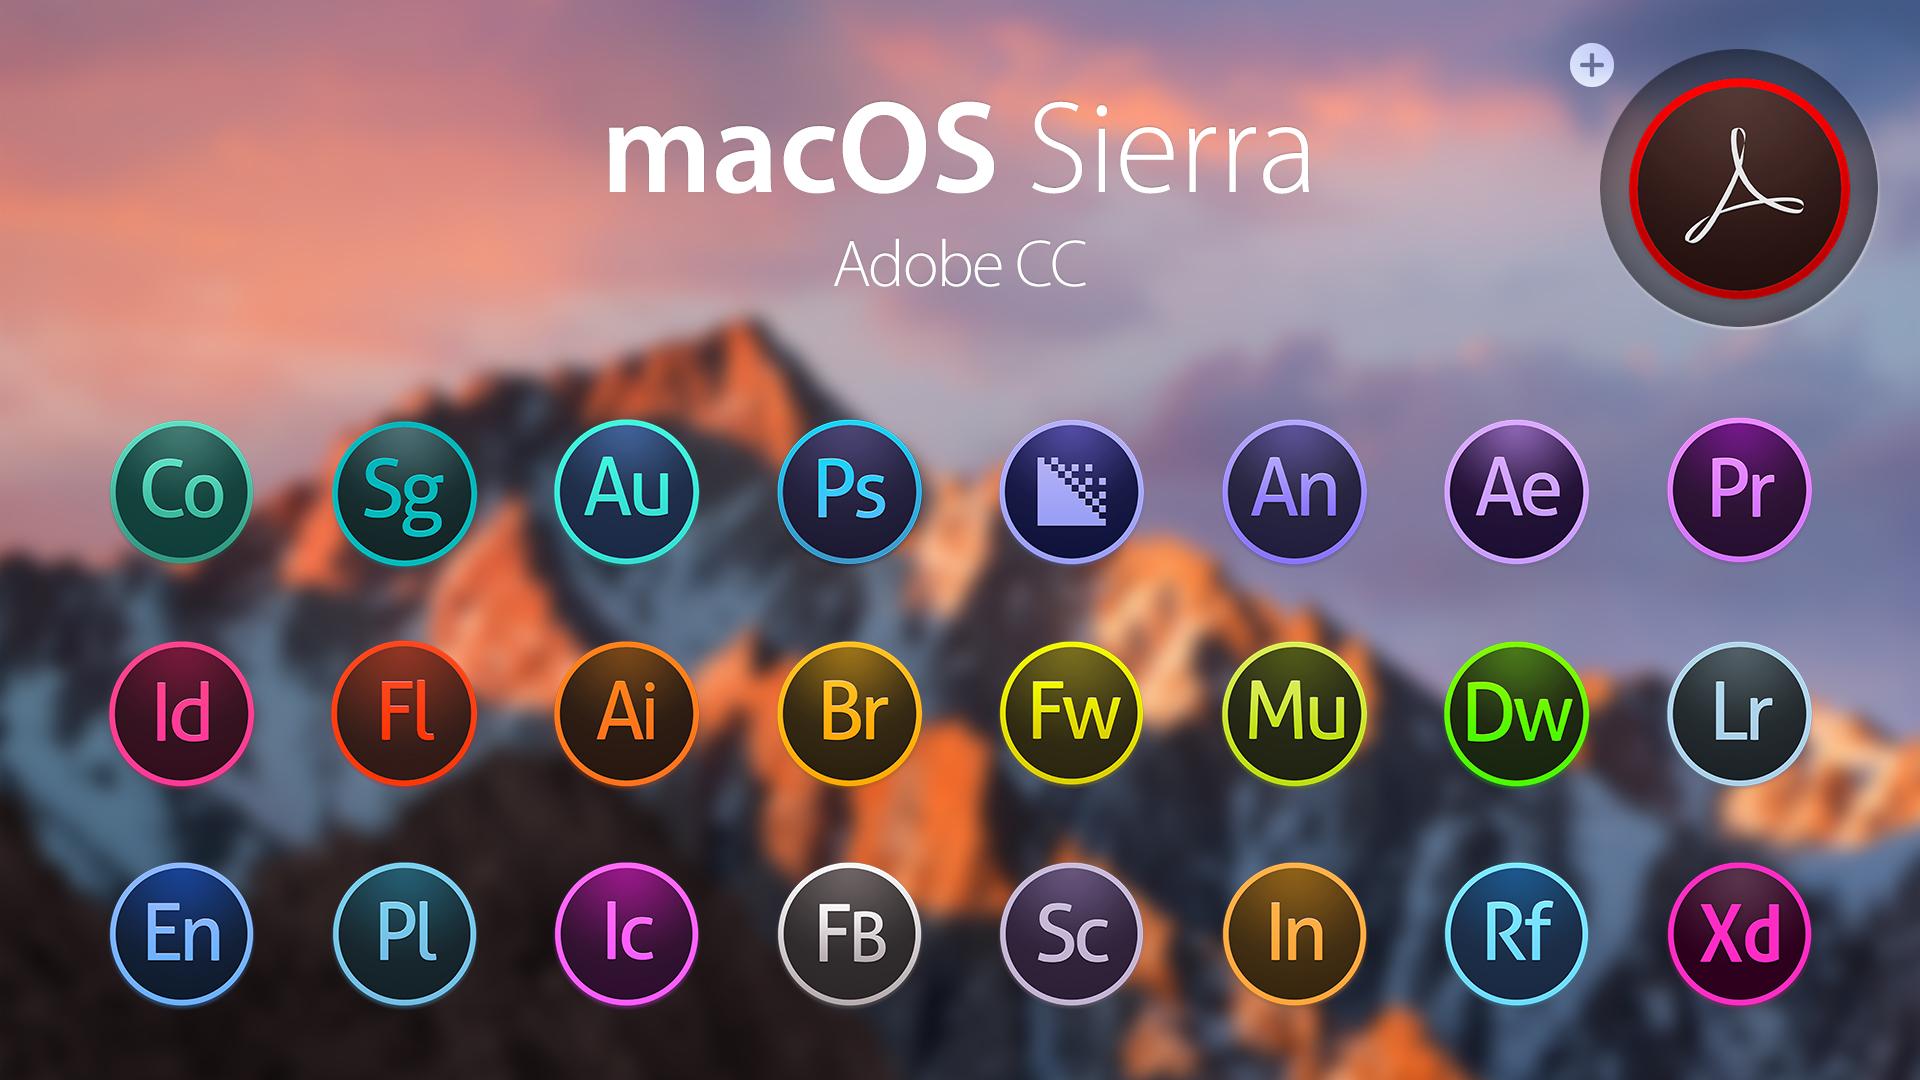 OS X Yosemite Adobe CC Dark by JasonZigrino